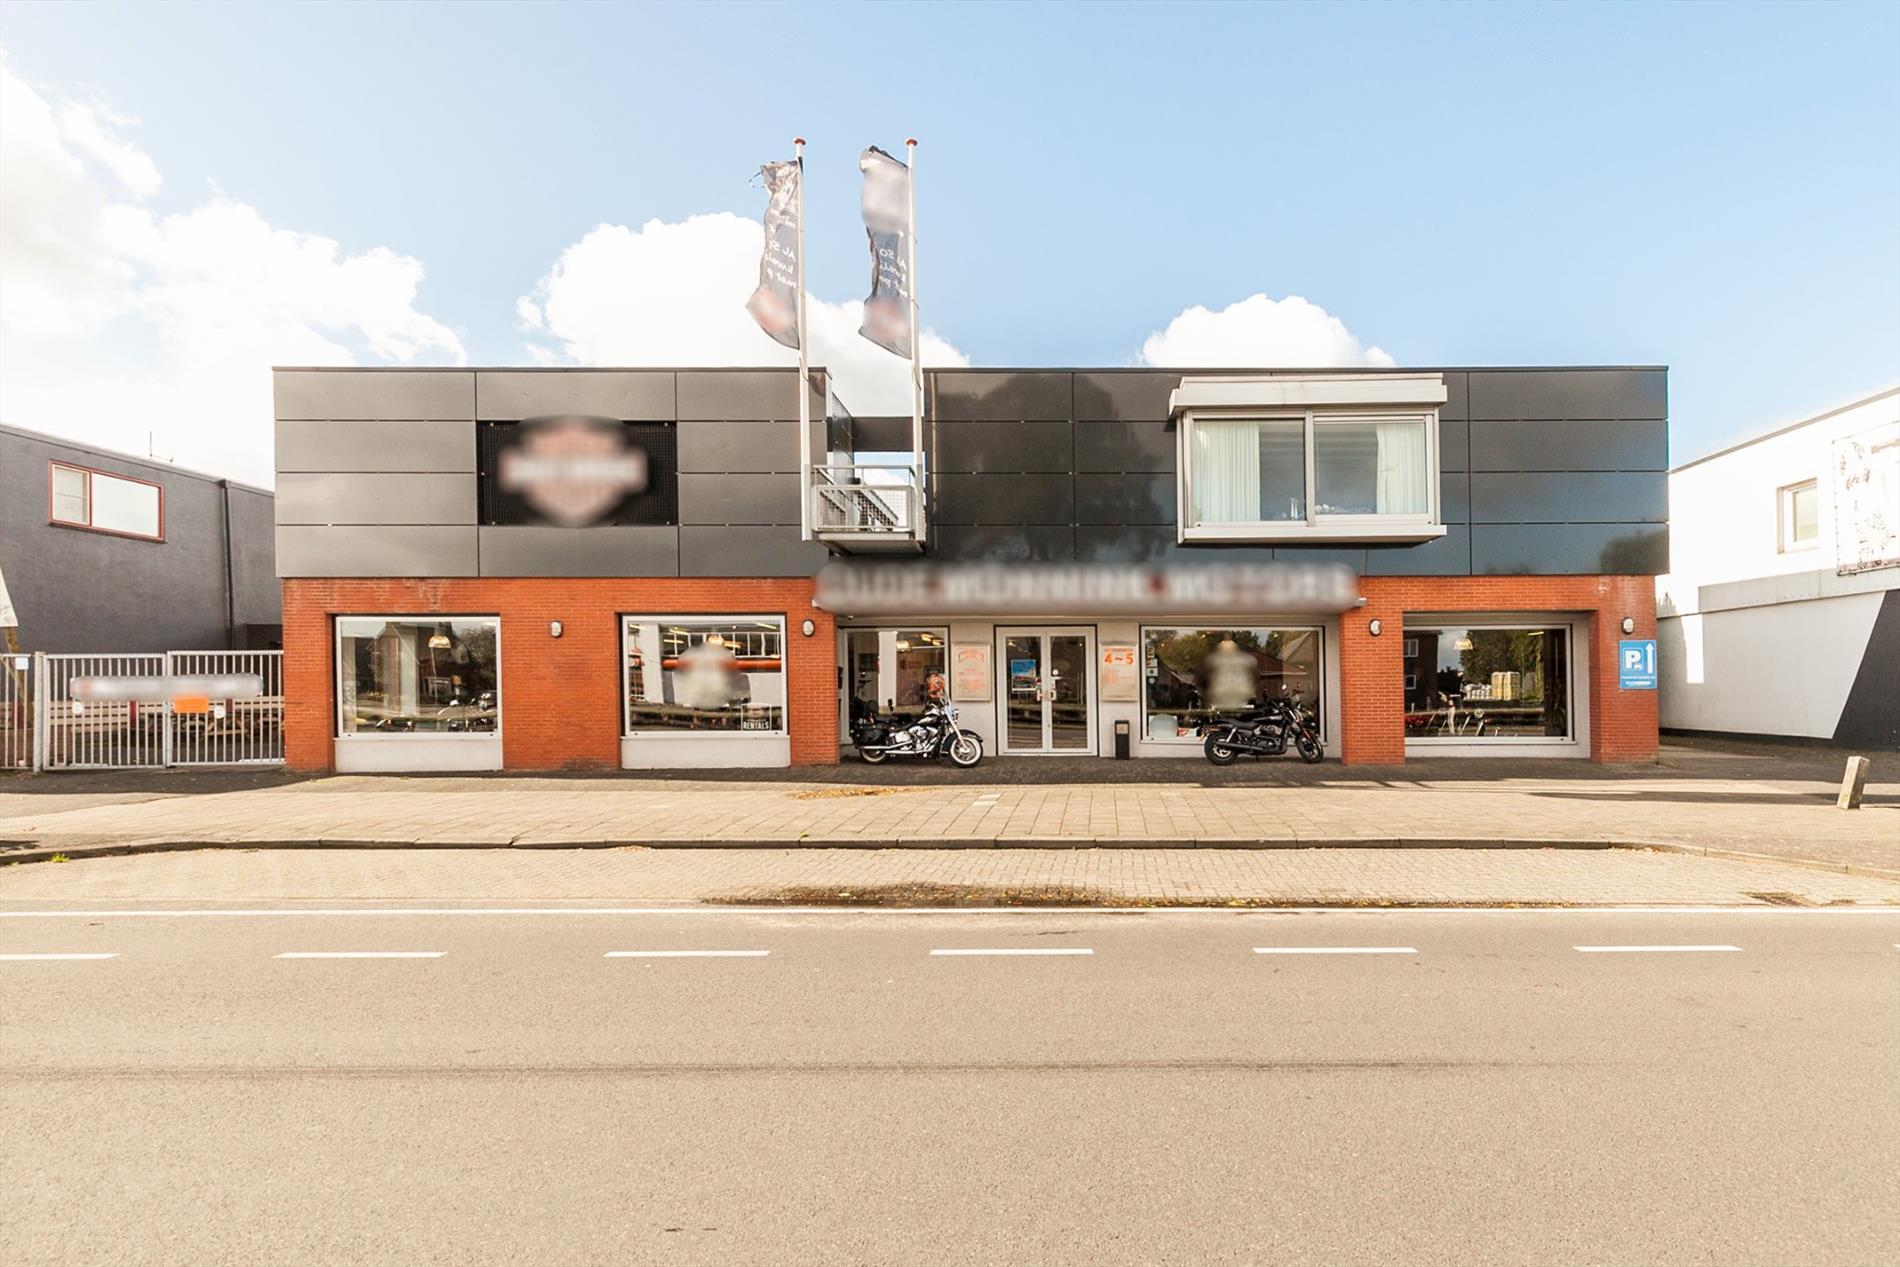 Property photo - Noorderweg 4-5, 7681CB Vroomshoop